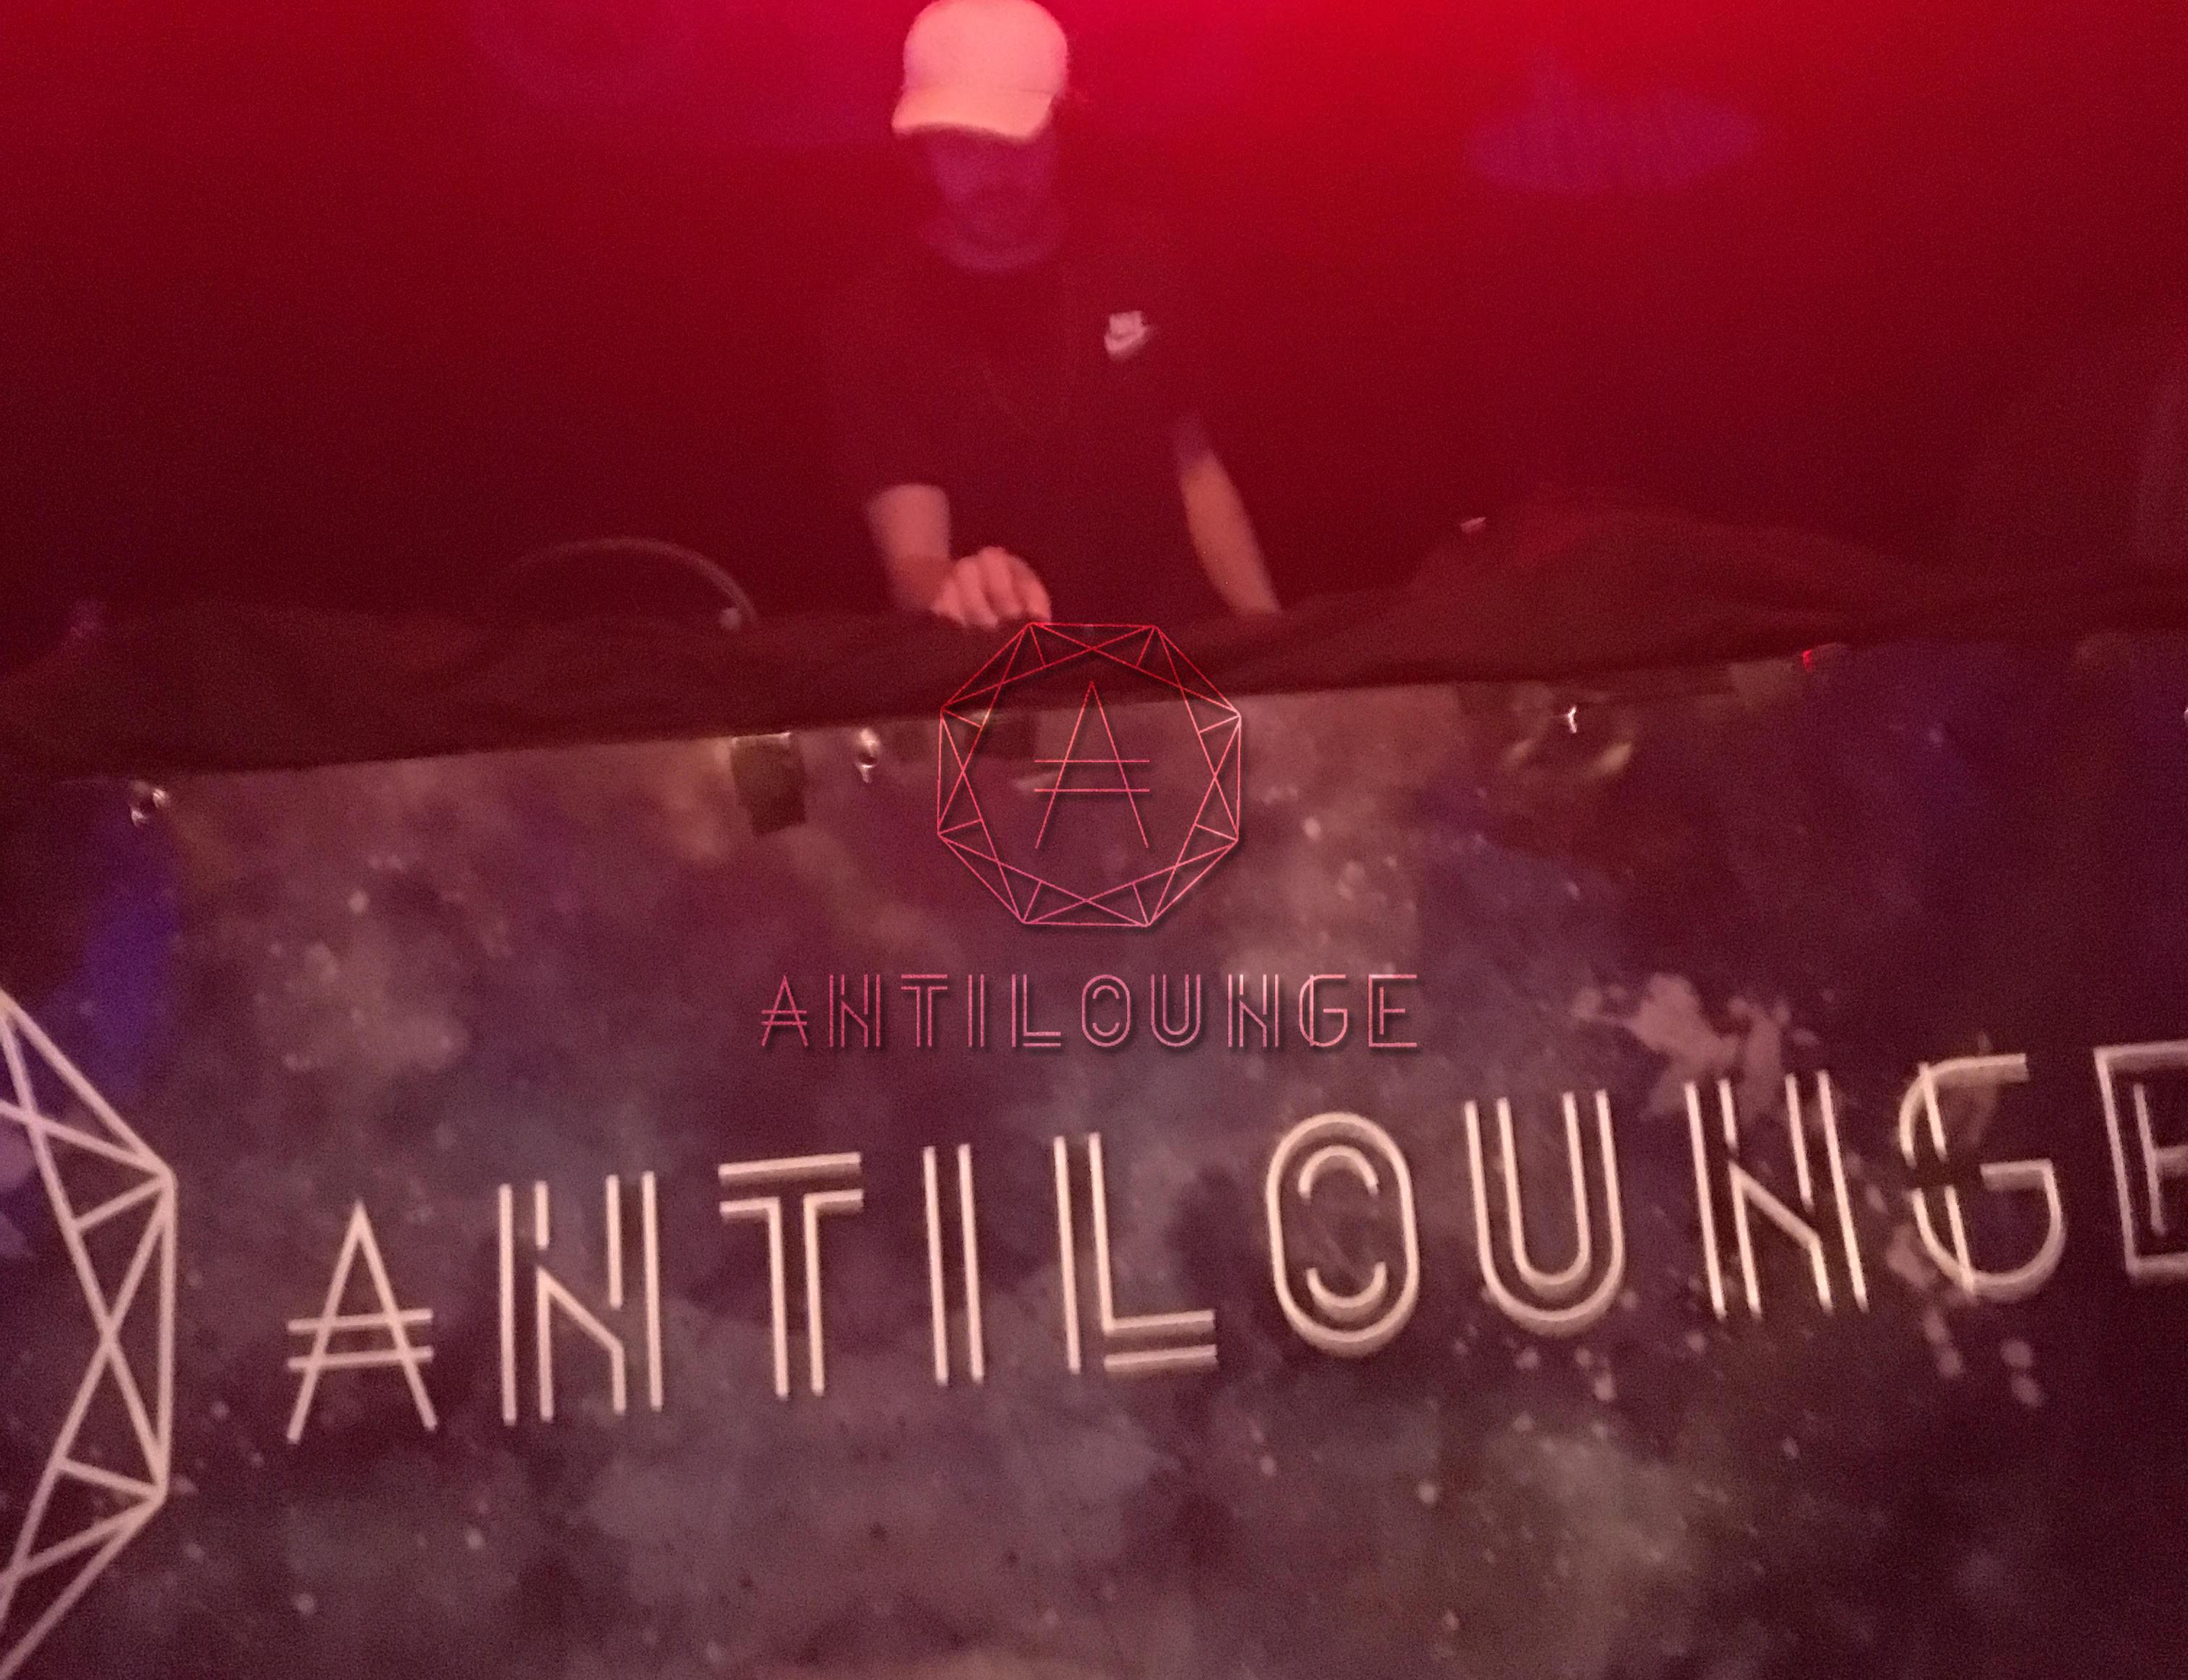 15 Jaar Antilounge interview met Martijn Verlinden 01/01/2018